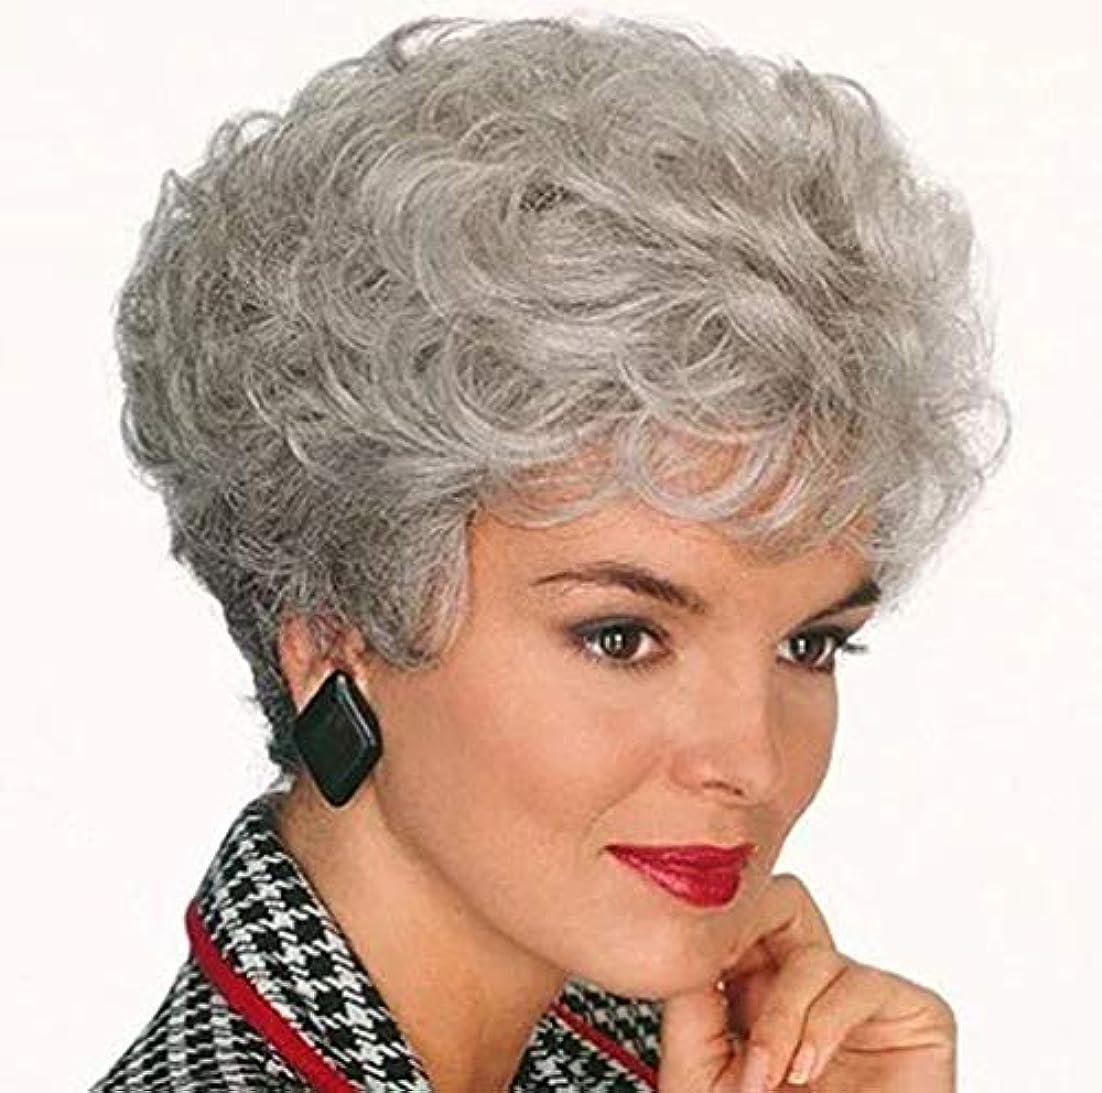 一緒夢中紛争女性かつらふわふわロングカーリー波状高品質耐熱合成本物の人間の髪の毛のかつら180%密度23センチメートル